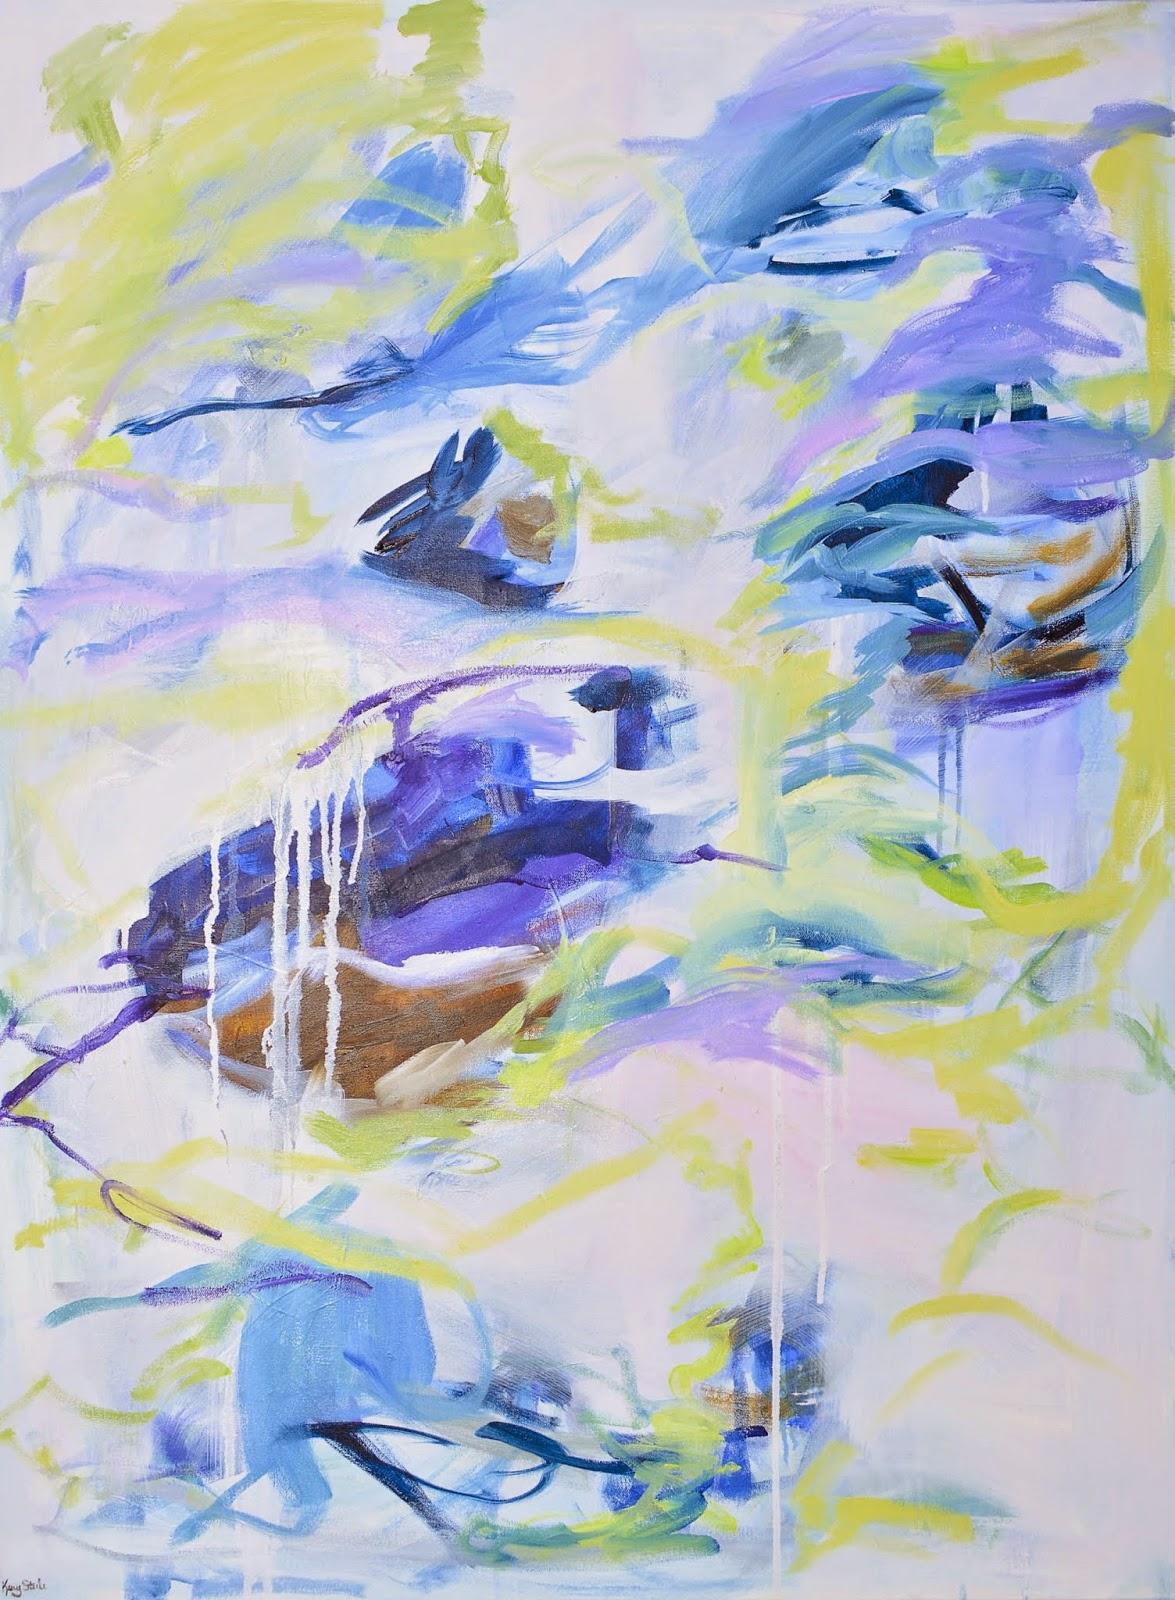 ART-05771_1